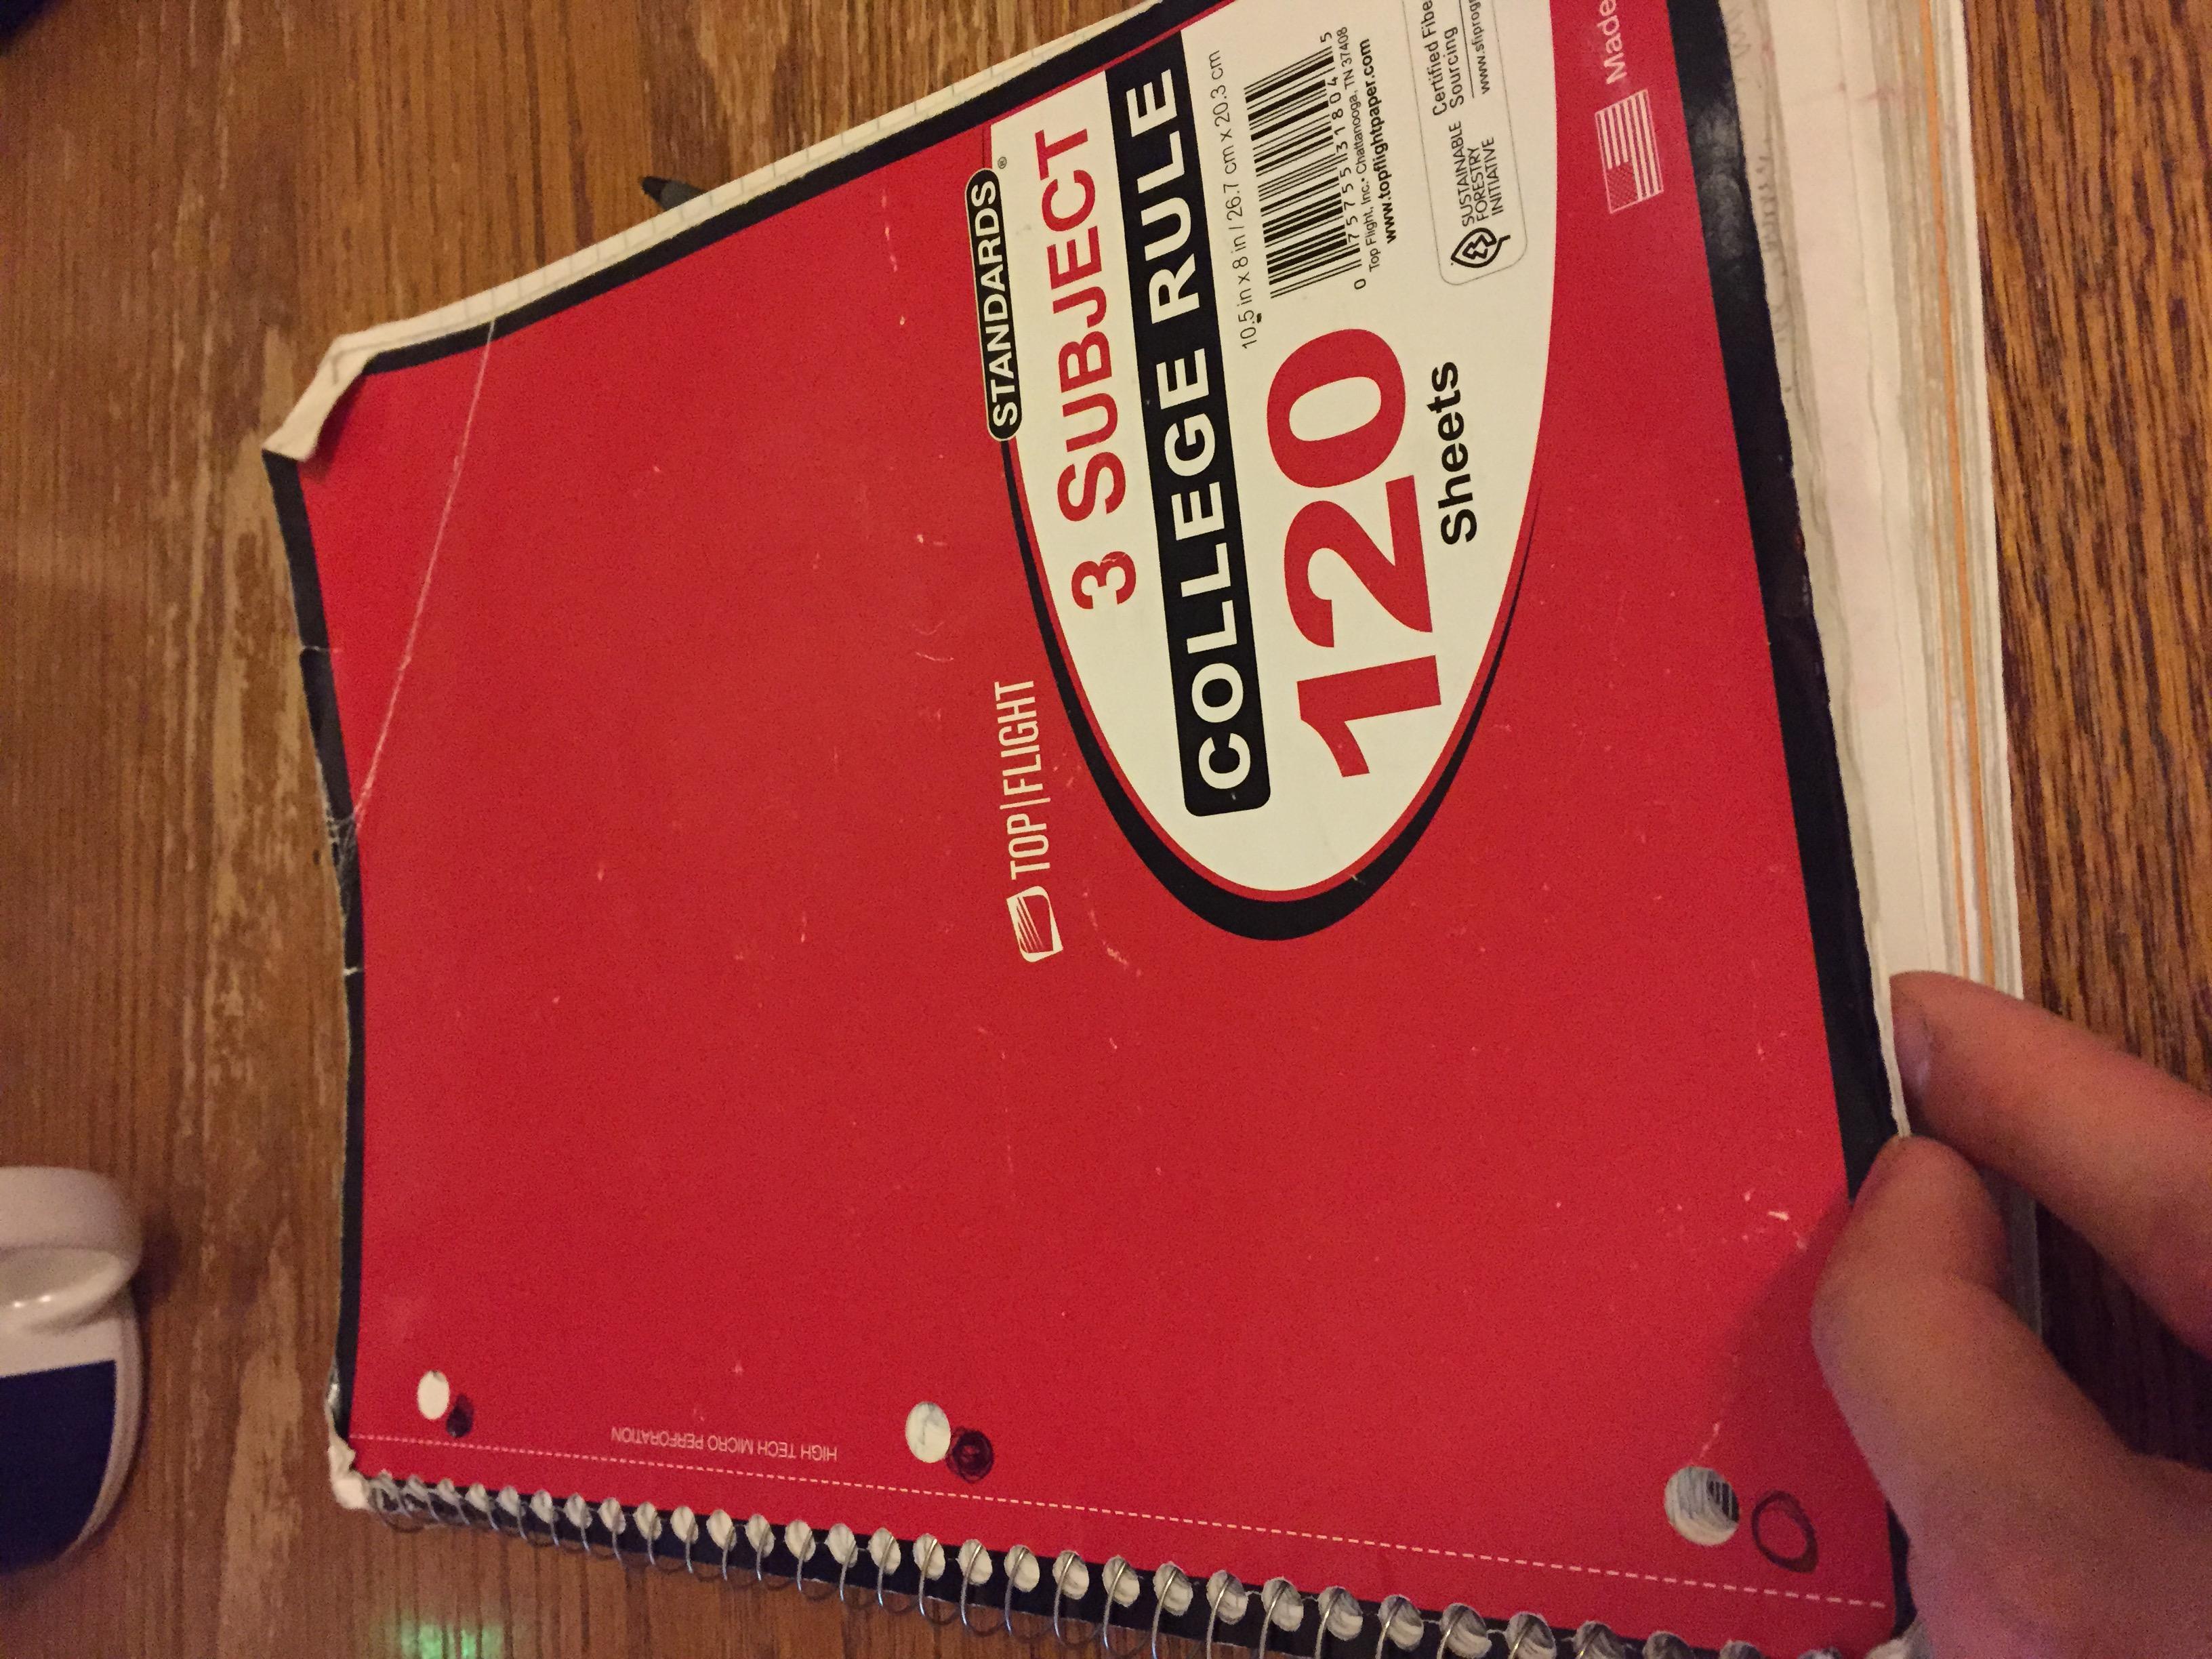 nicolas cole notebook